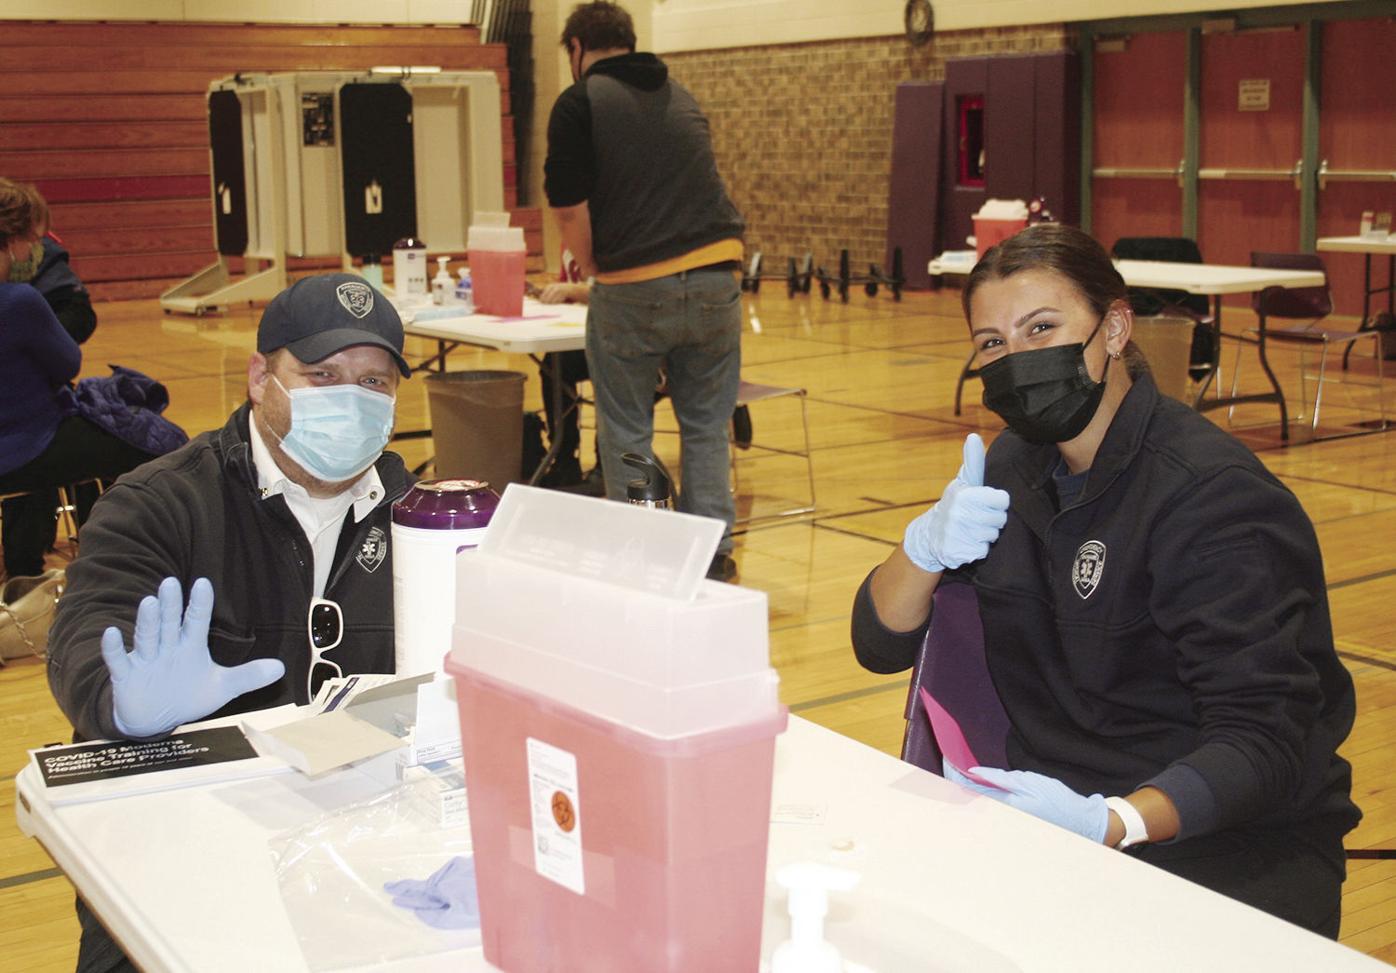 EMT vaccinators